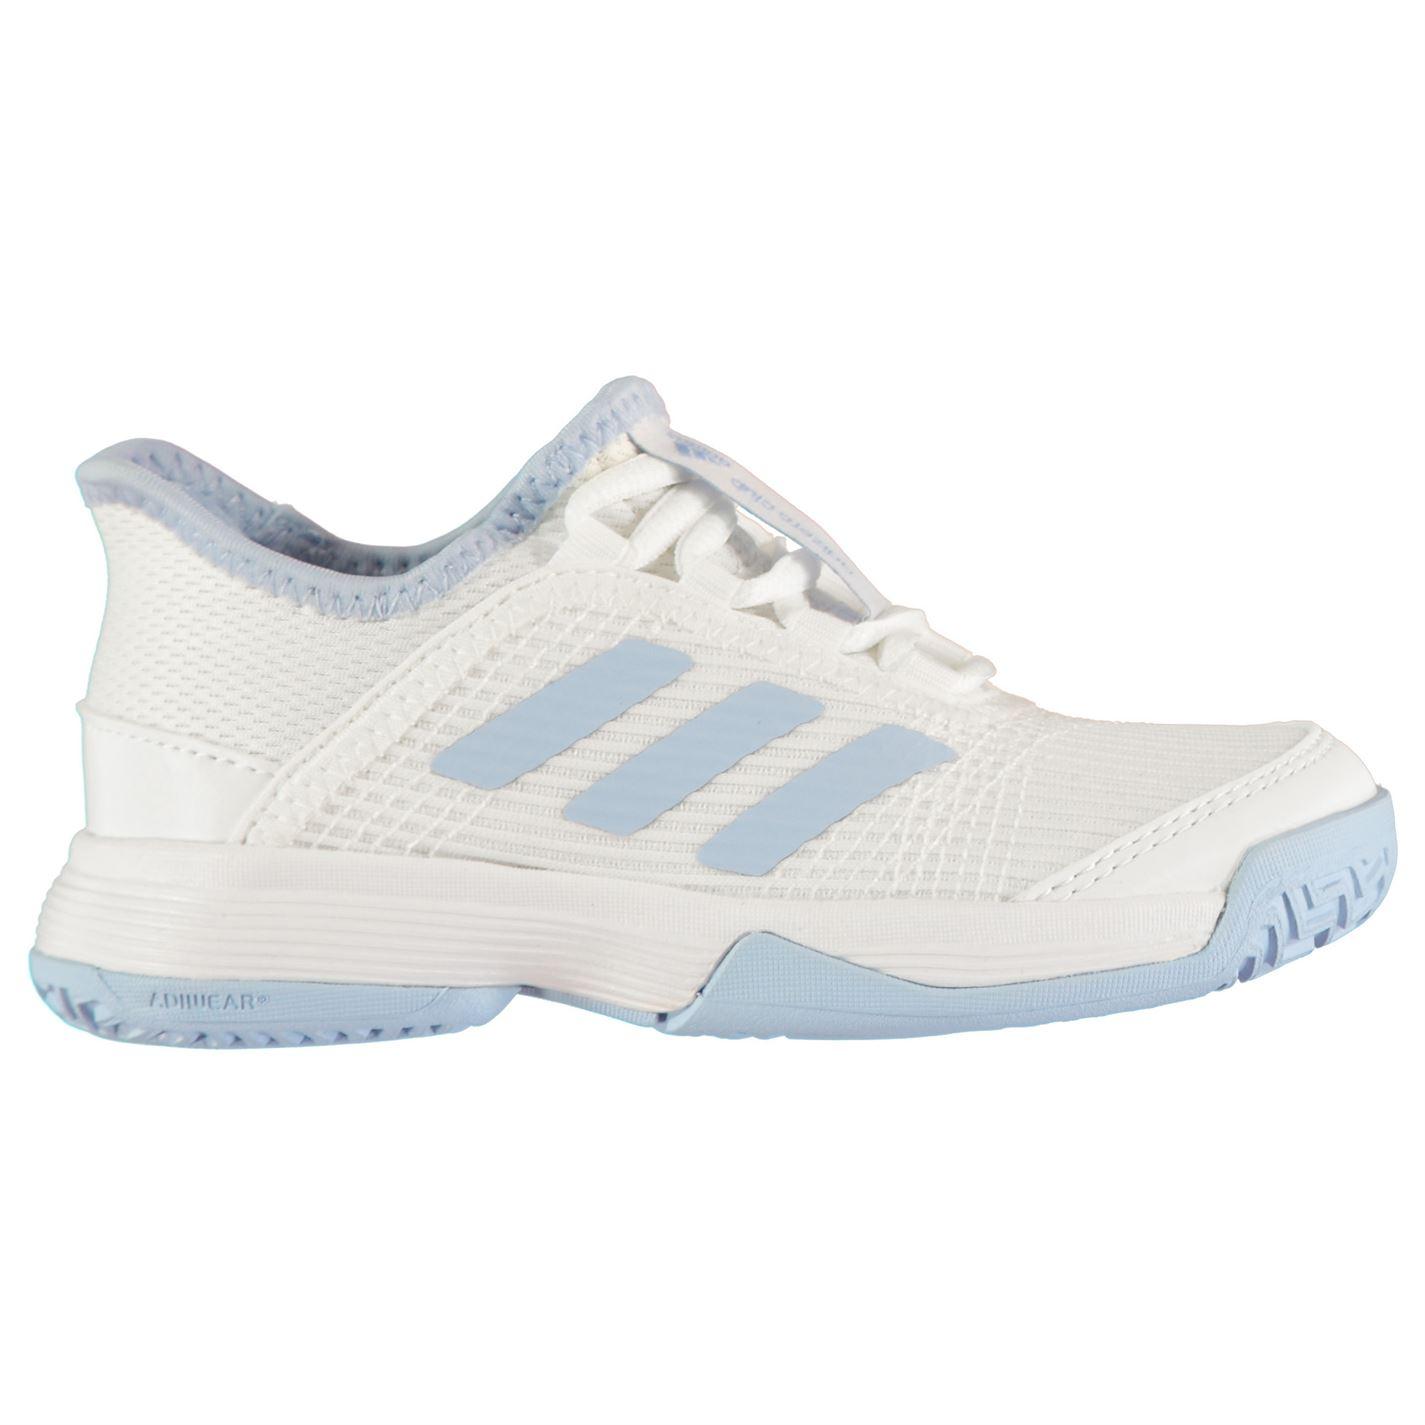 Adidas adiZero ClubChGl94